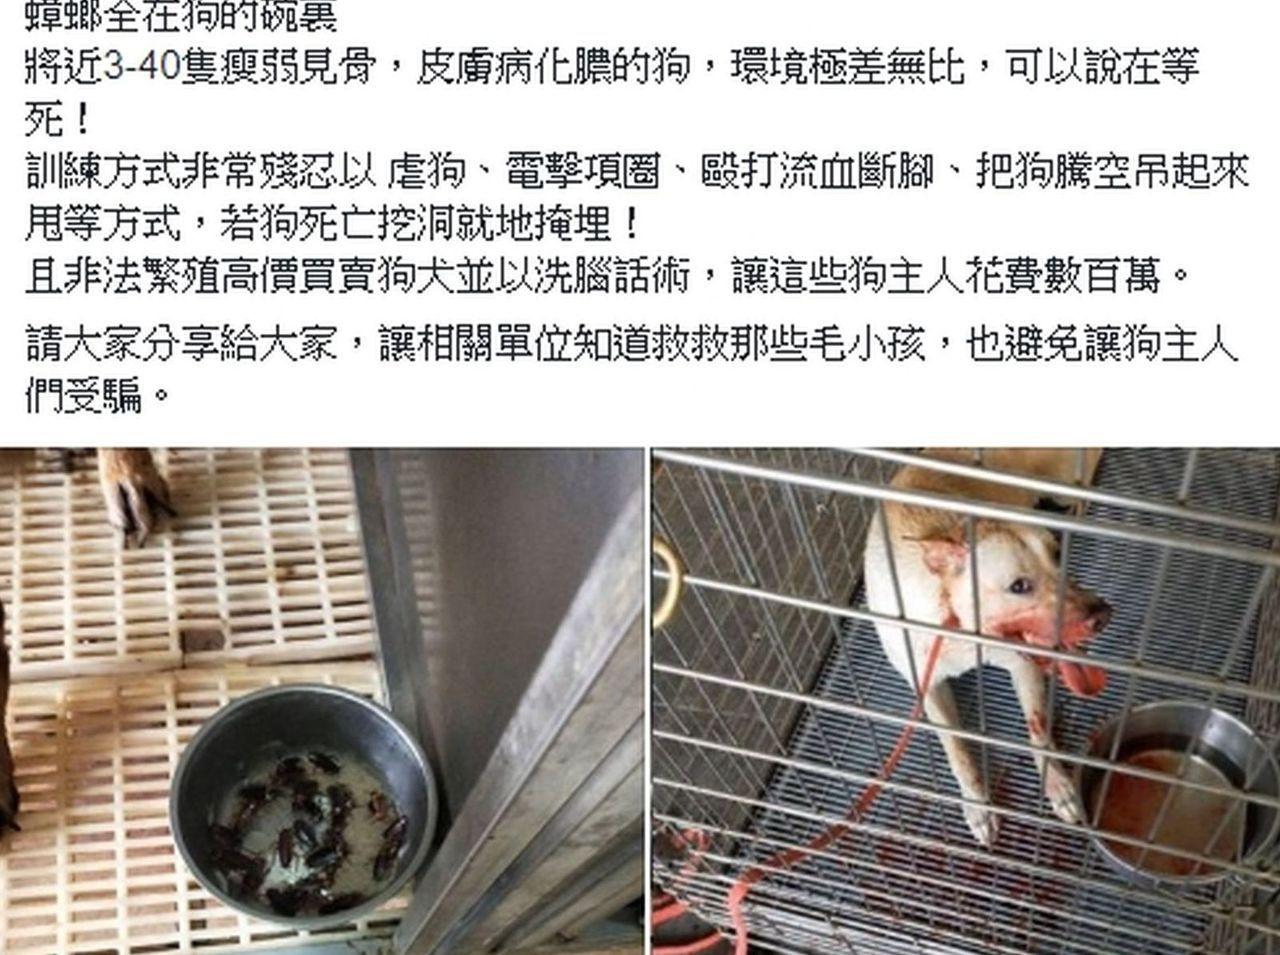 網友PO網爆料貼出照片及影片,指控桃園楊梅一處警犬學校虐狗。圖/翻攝自網路